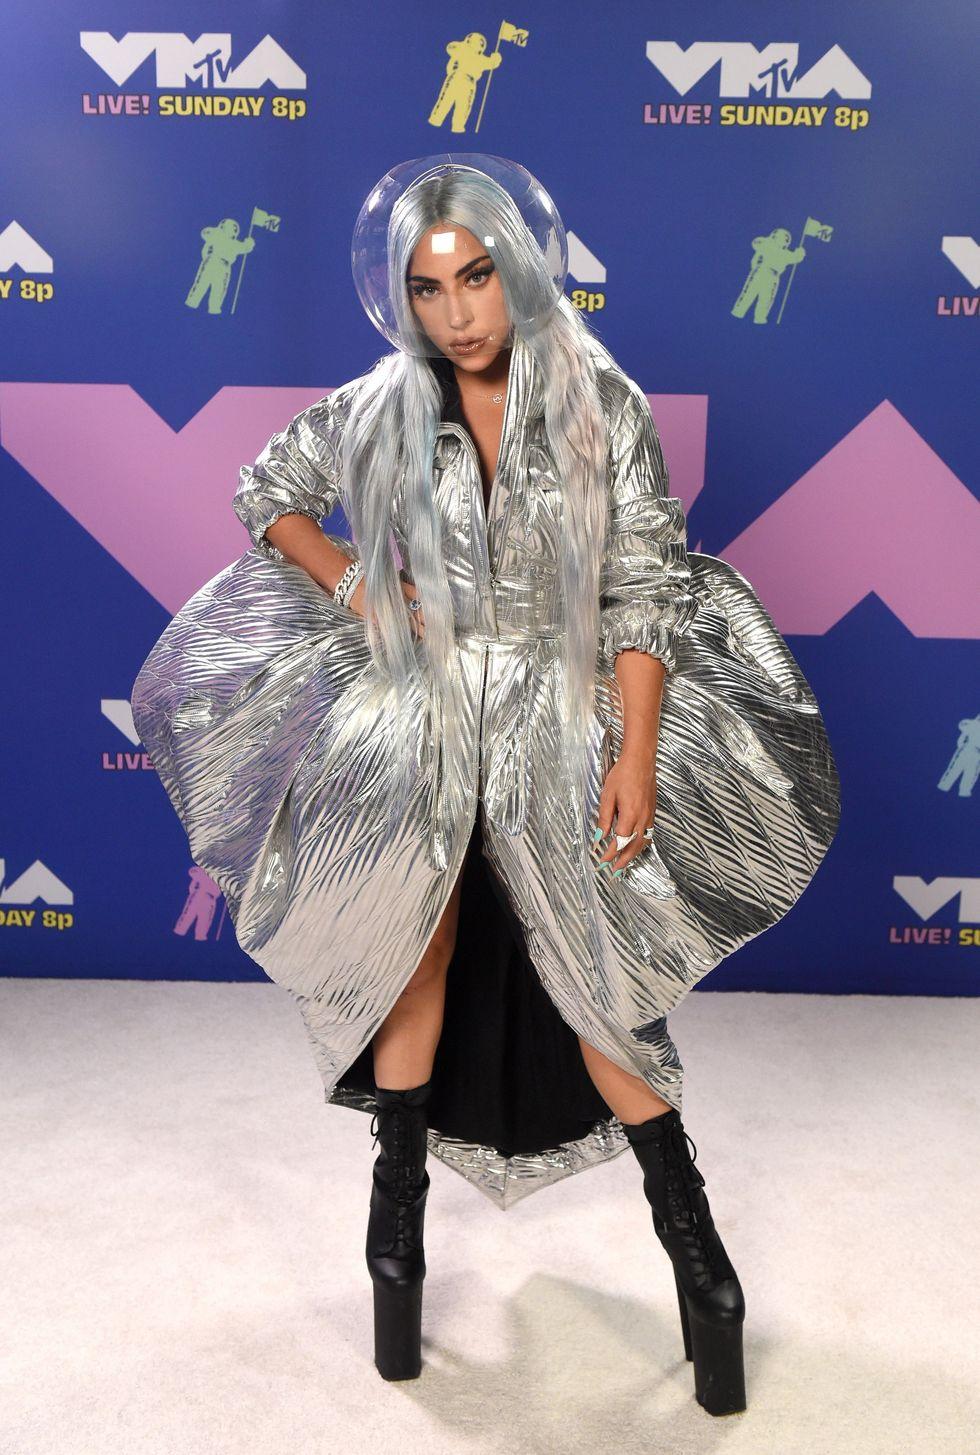 Trên thảm trắng của lễ trao giải, Lady Gaga tái hiện hình ảnh moon man - biểu tượng của VMAs nhờ trang phục đến từ Area. Cô nàng còn đội chiếc mũ bảo hiểm trong suốt của thương hiệu Muscarella để đảm bảo quy tắc phòng dịch. Chiếc bốt cao ngất ngưởng của Pleasers khiến nữ ca sĩ trở nên ấn tượng hơn.